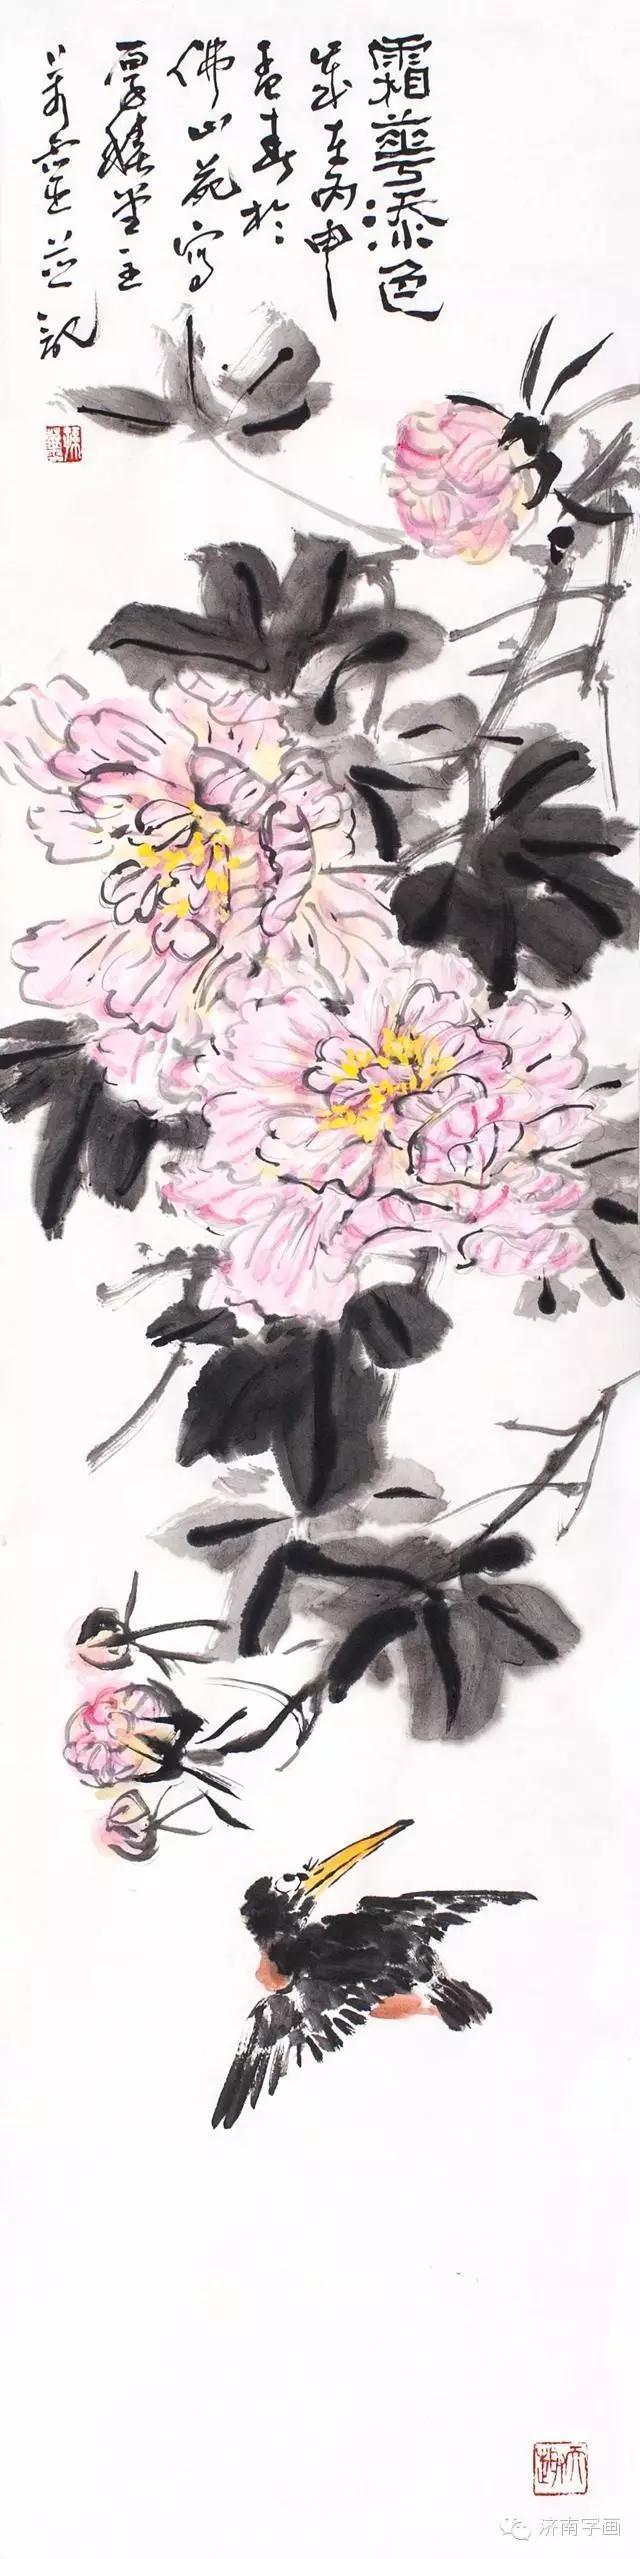 """笔墨丰厚,造型高雅——评青年画家孙万灵""""自成气象""""的写意花鸟"""